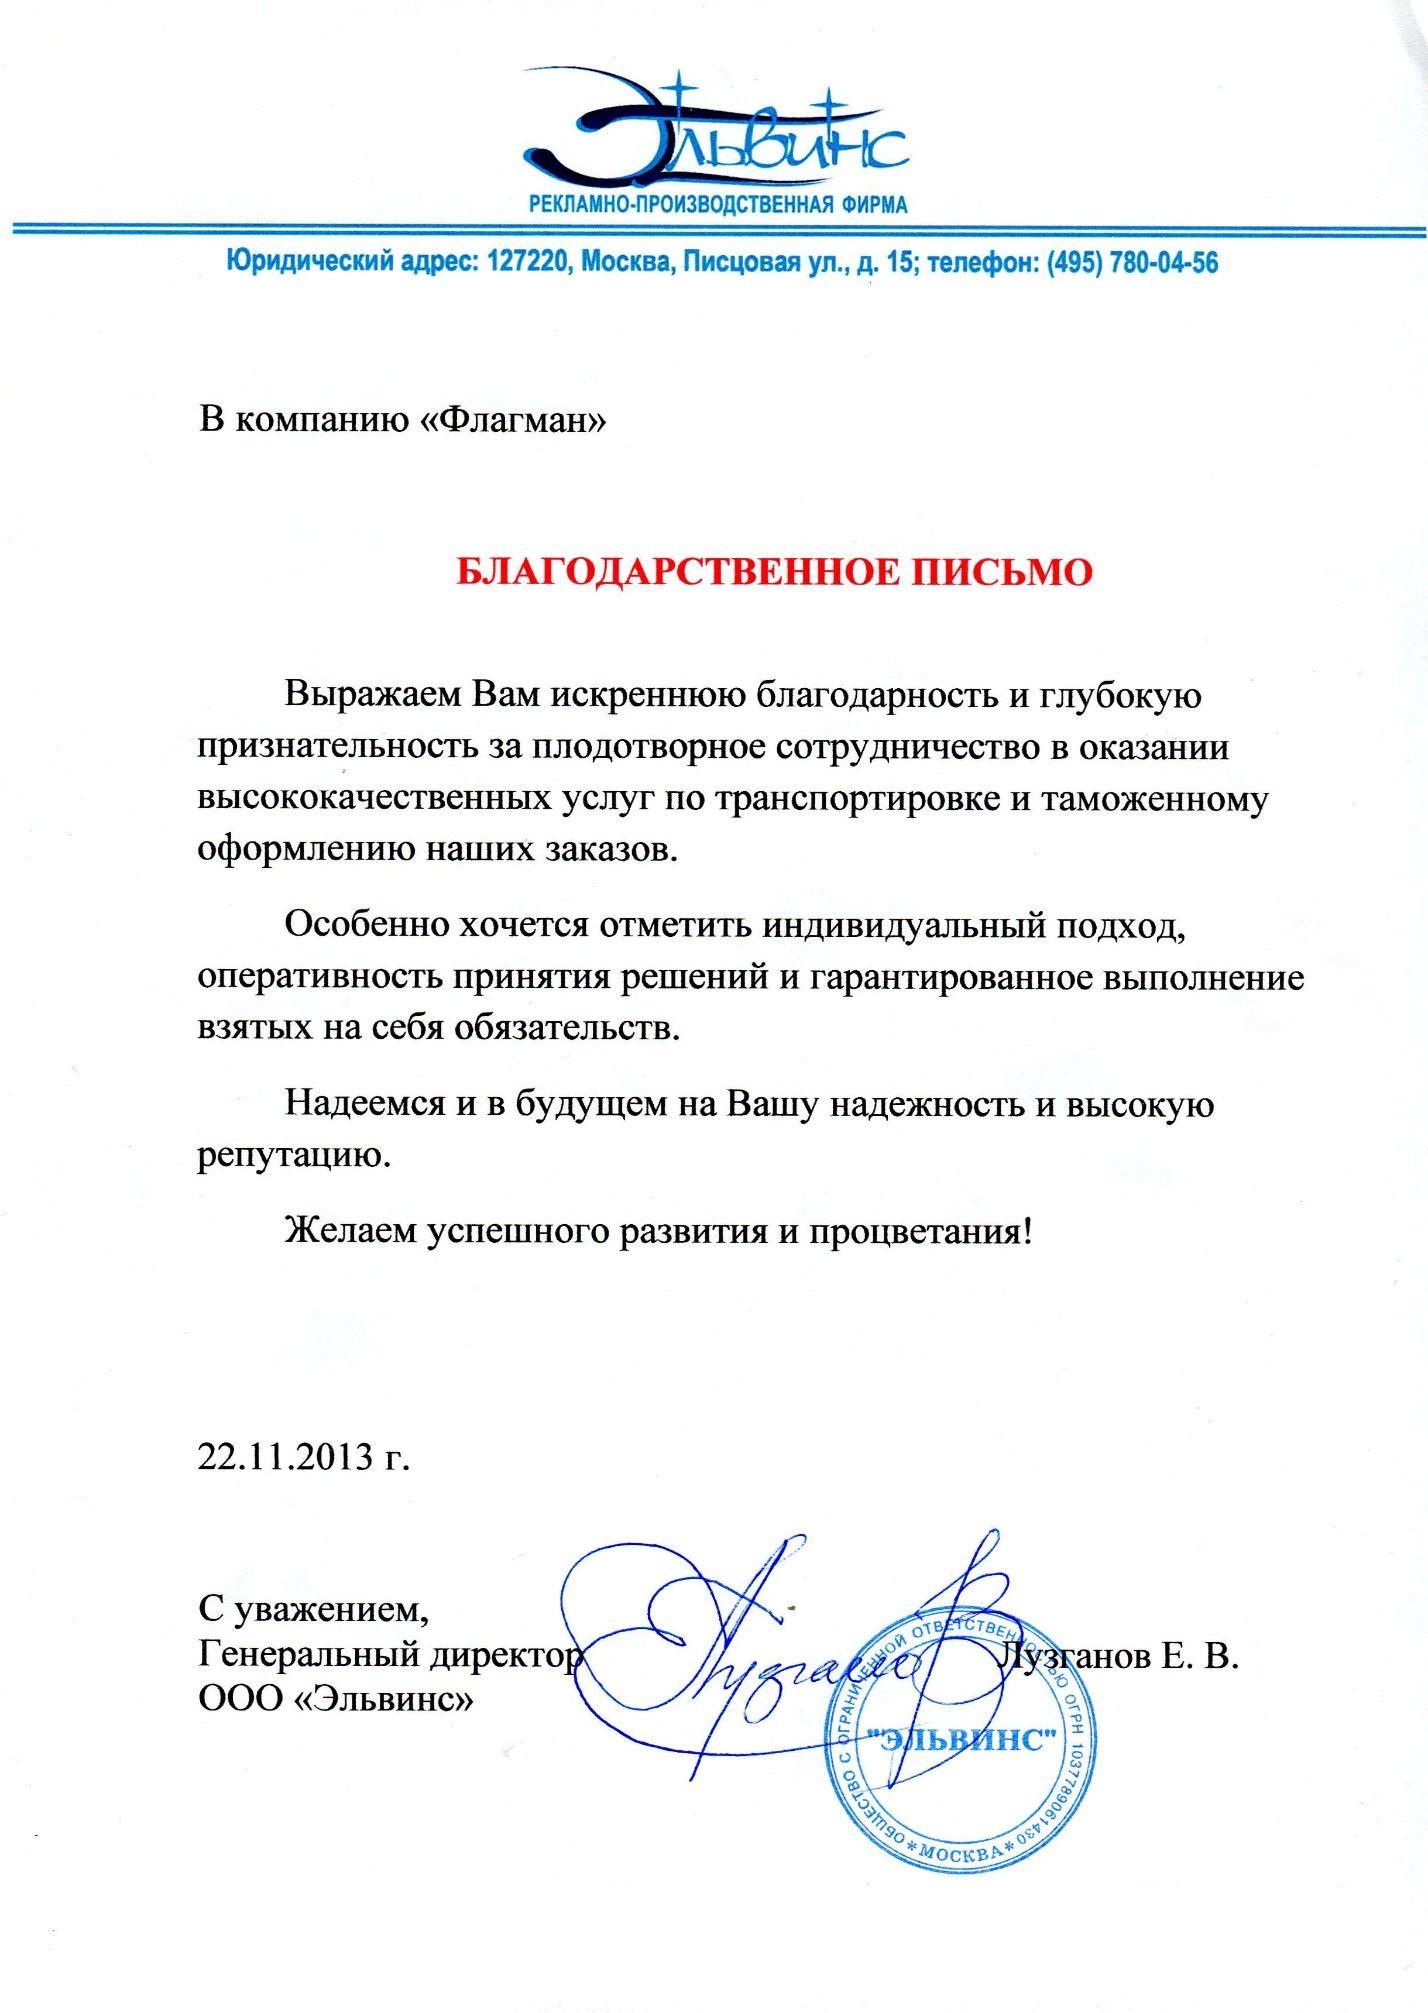 Образец письма на уменьшение штрафных санкций по выездной проверке